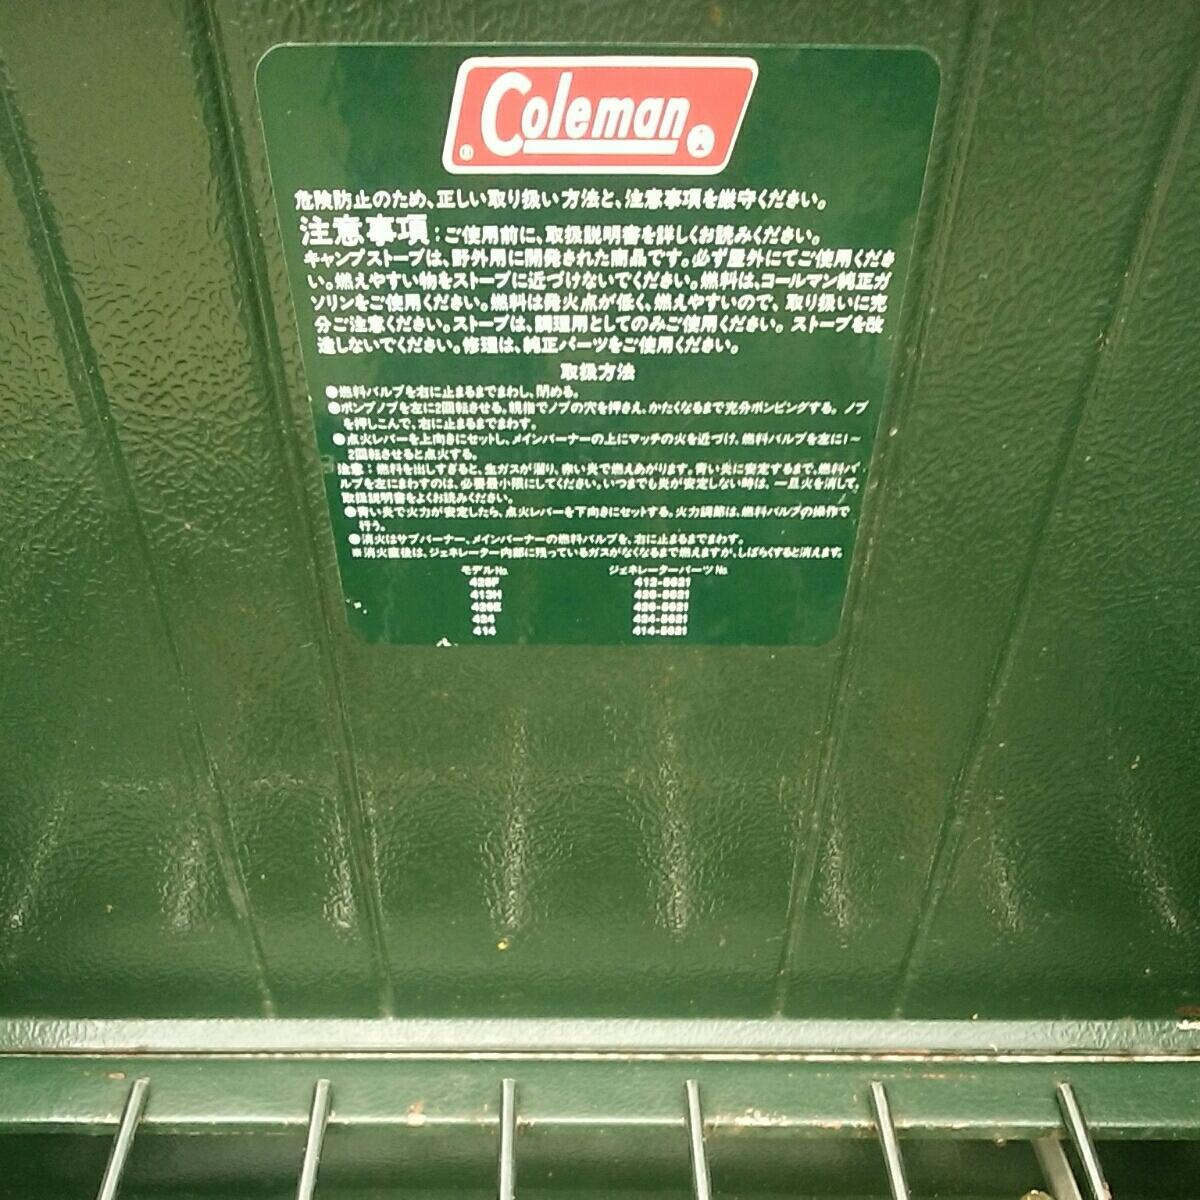 コールマン Coleman ツーバーナー アンリーデッド 災害 防災 キャンプ バーベキュー アウトドア 414-700J スタンド付_画像6